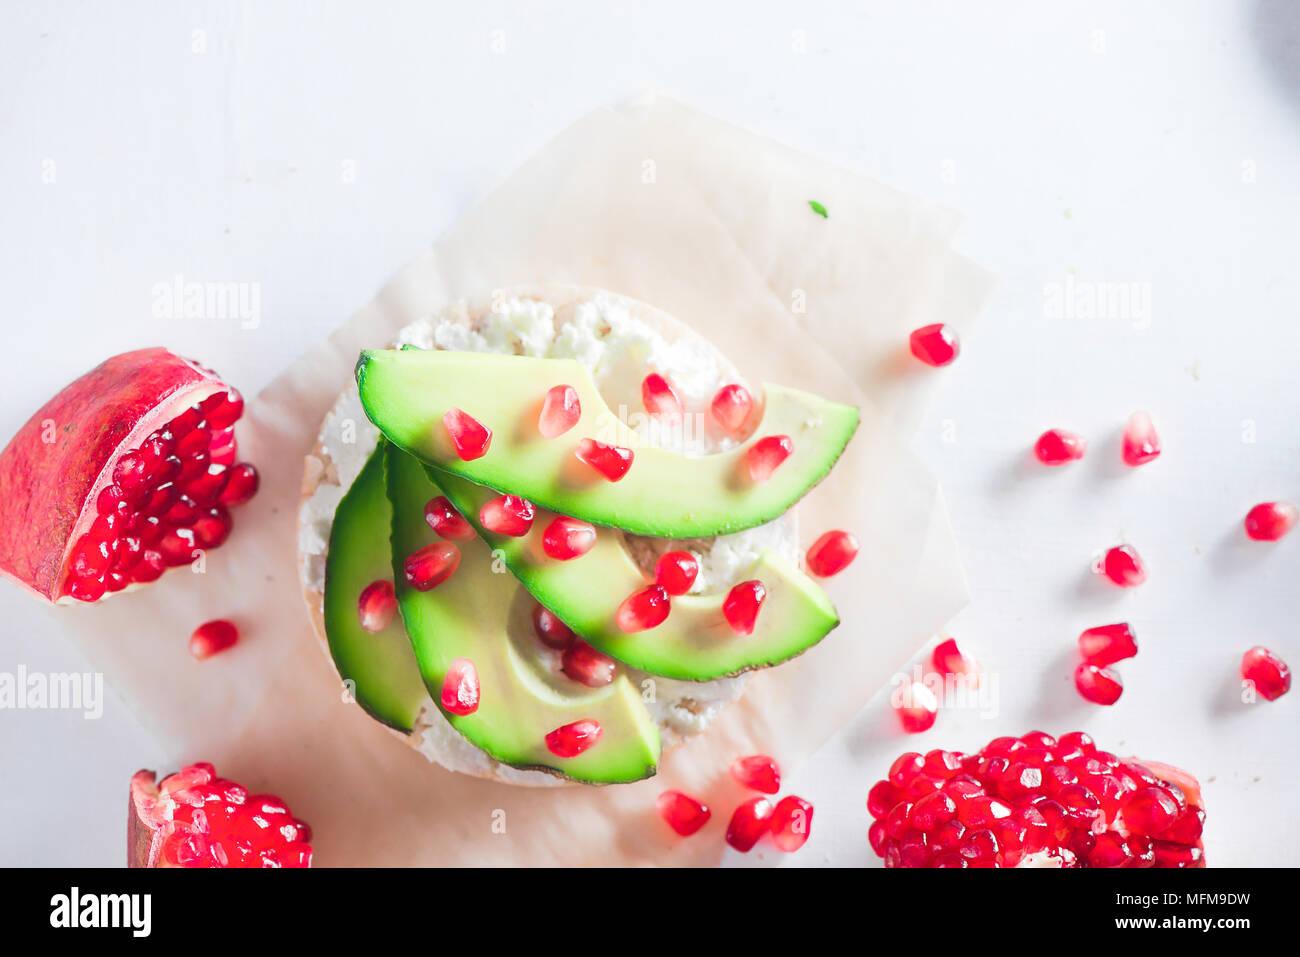 Pan crujiente snack saludable con rodajas de aguacate, suave queso cottage y semillas de granada. Desayuno sencillo concepto sobre un fondo blanco con espacio de copia Imagen De Stock